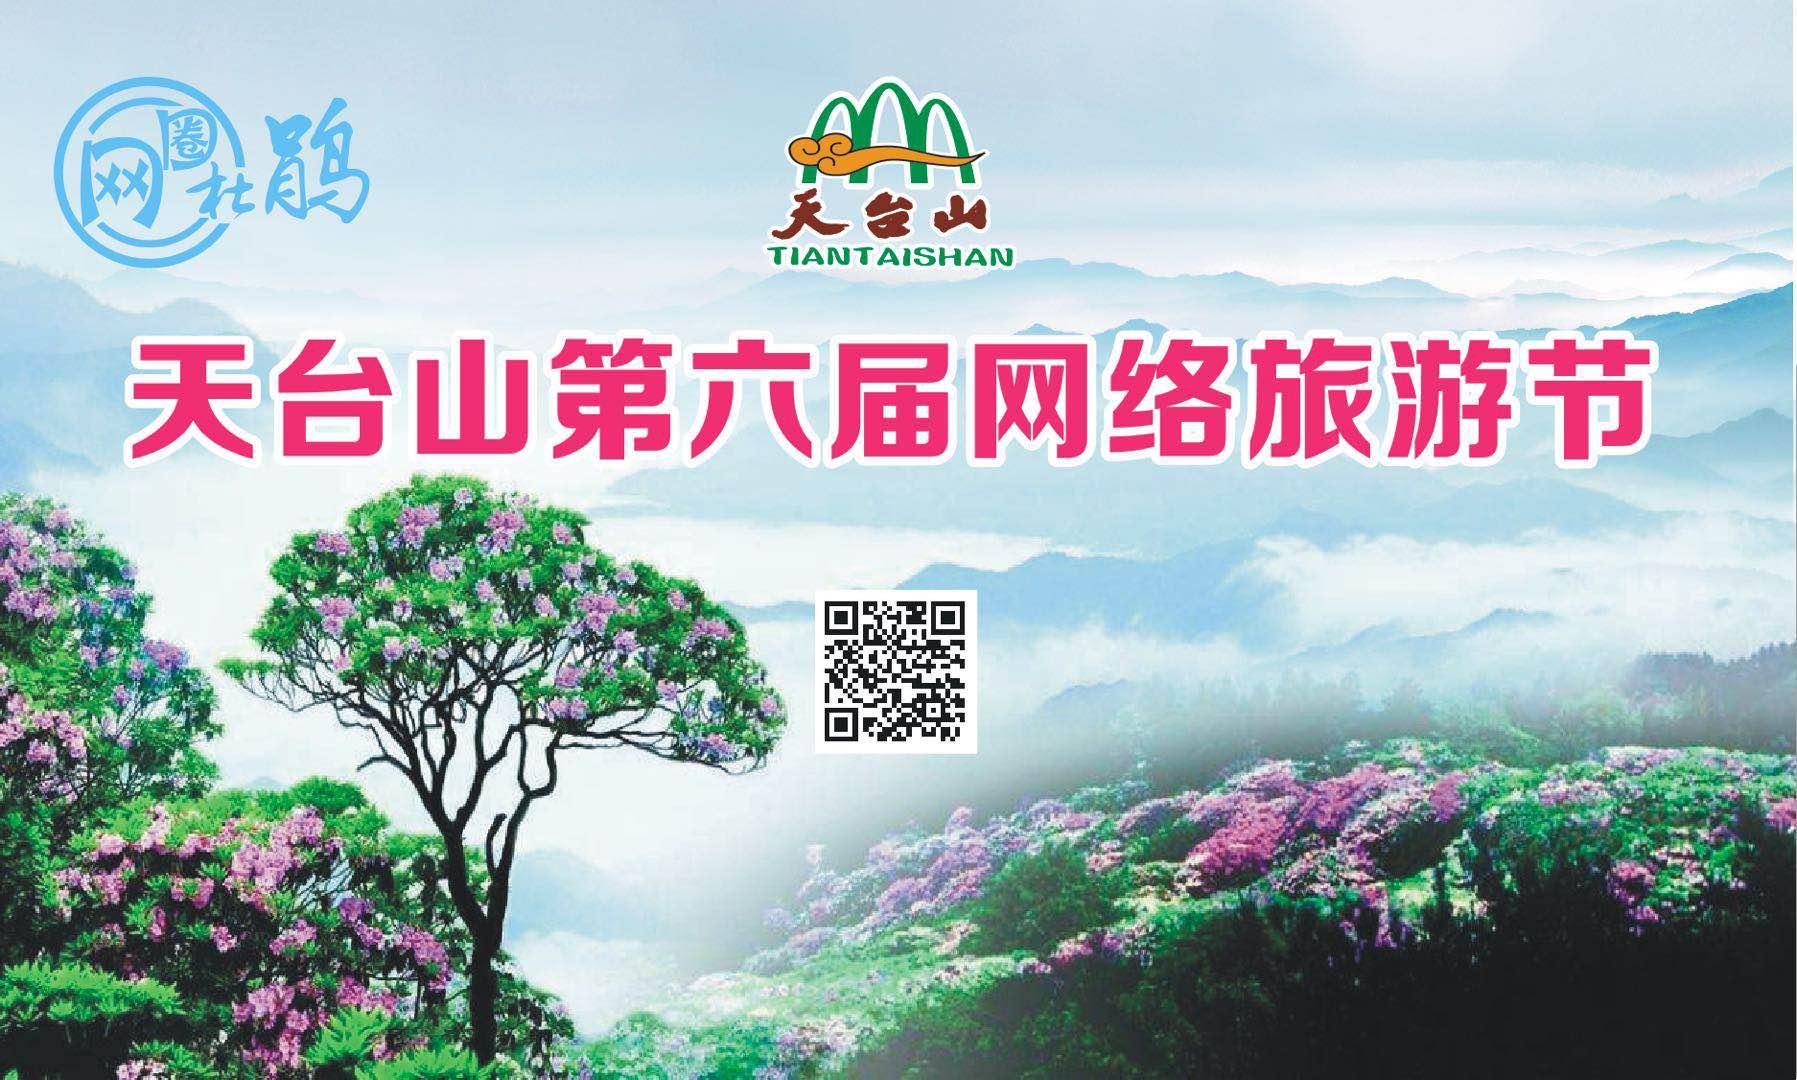 2019年浙江森林旅游节暨22届天台山云锦杜鹃节缤纷开幕啦!